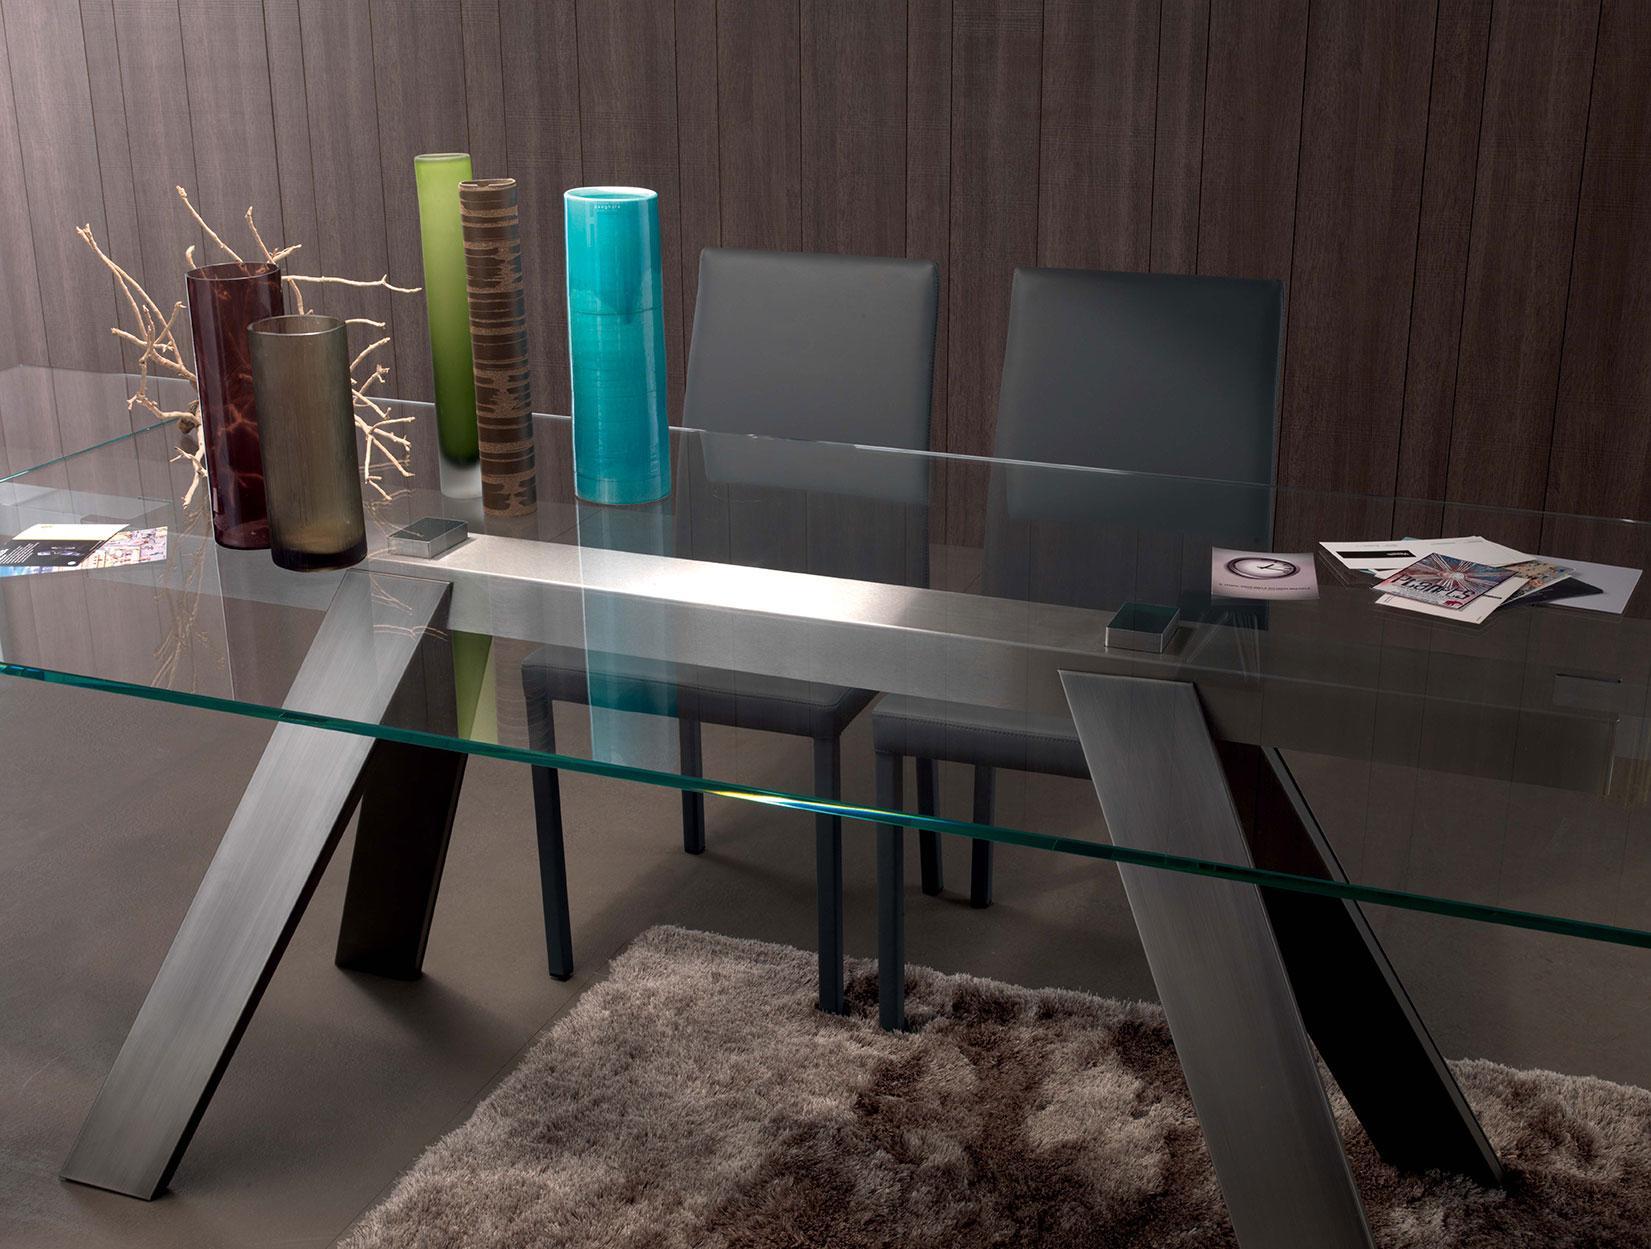 arredamento casa ufficio on line moderno di lusso 2015 design web made in italy tavolo allungabile vetro temperato trasparente prezzi cristallo